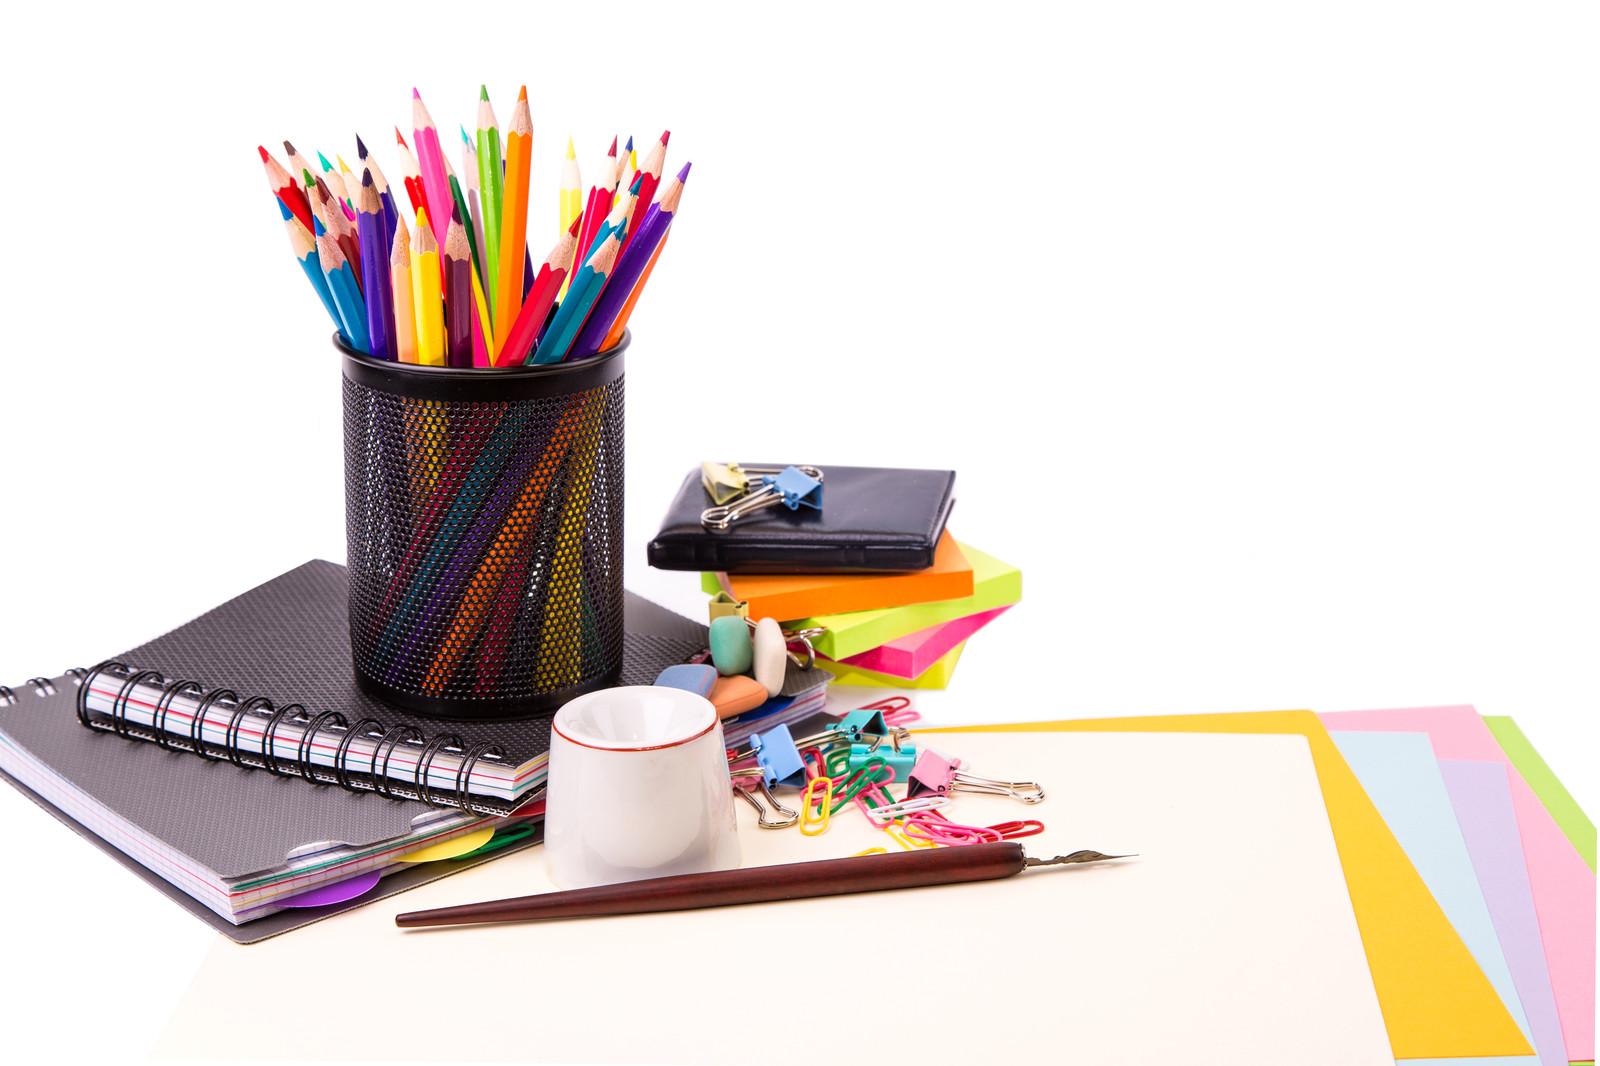 Kenali Jenis Prosedur Pengadaan ATK - Pentingnya Manajemen Pengadaan dan Pengelolaan ATK di Perusahaan